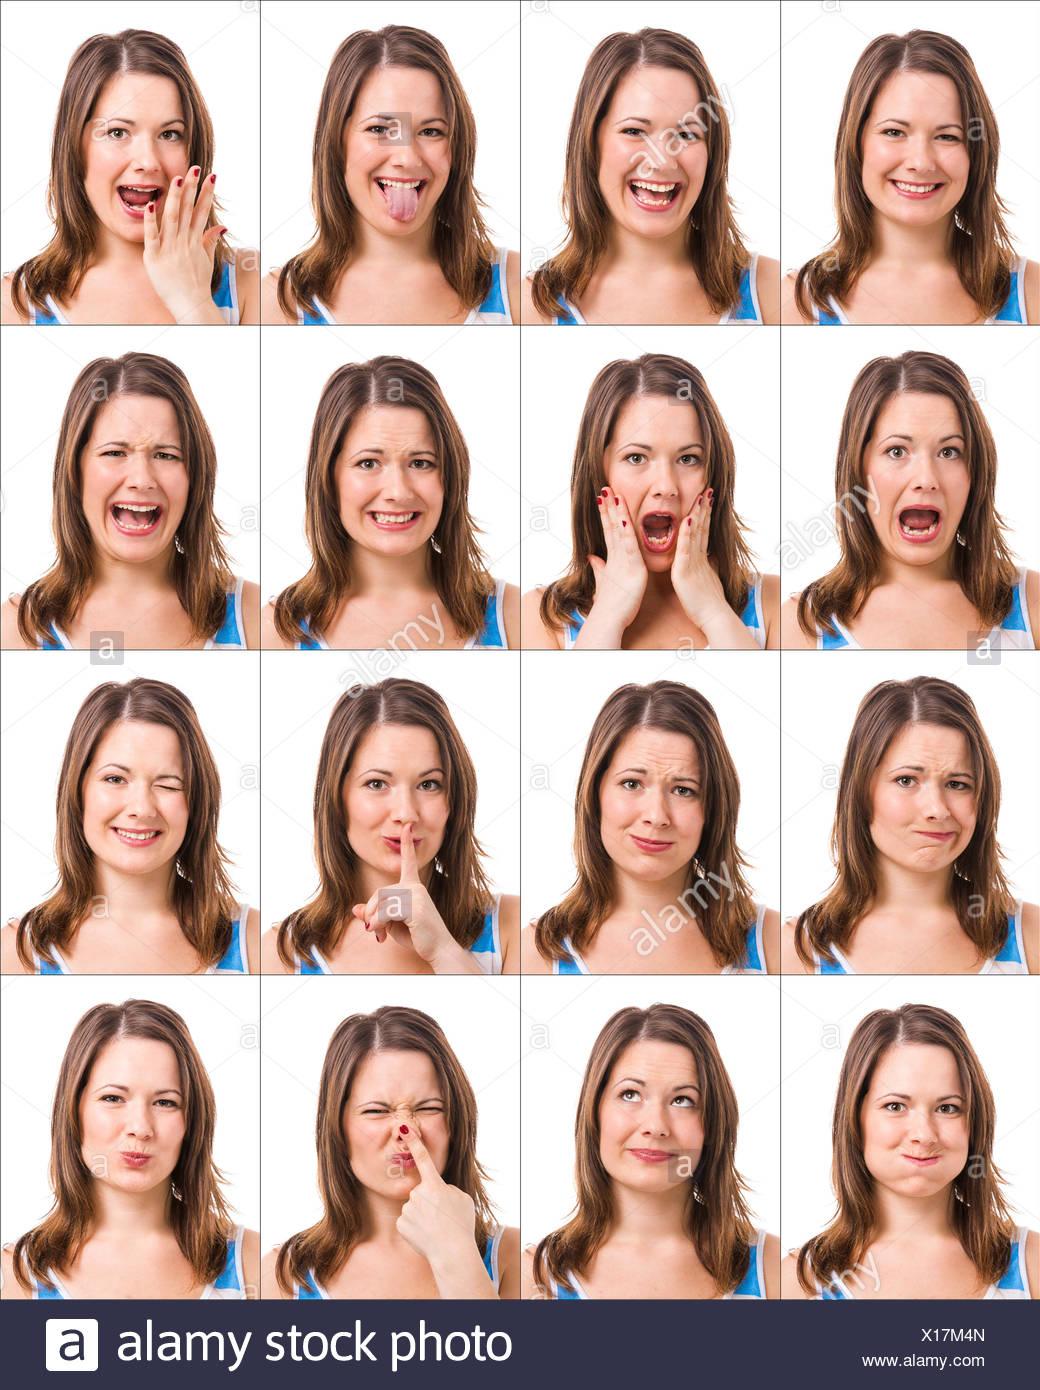 Misma Chica Fotos E Imágenes De Stock Alamy